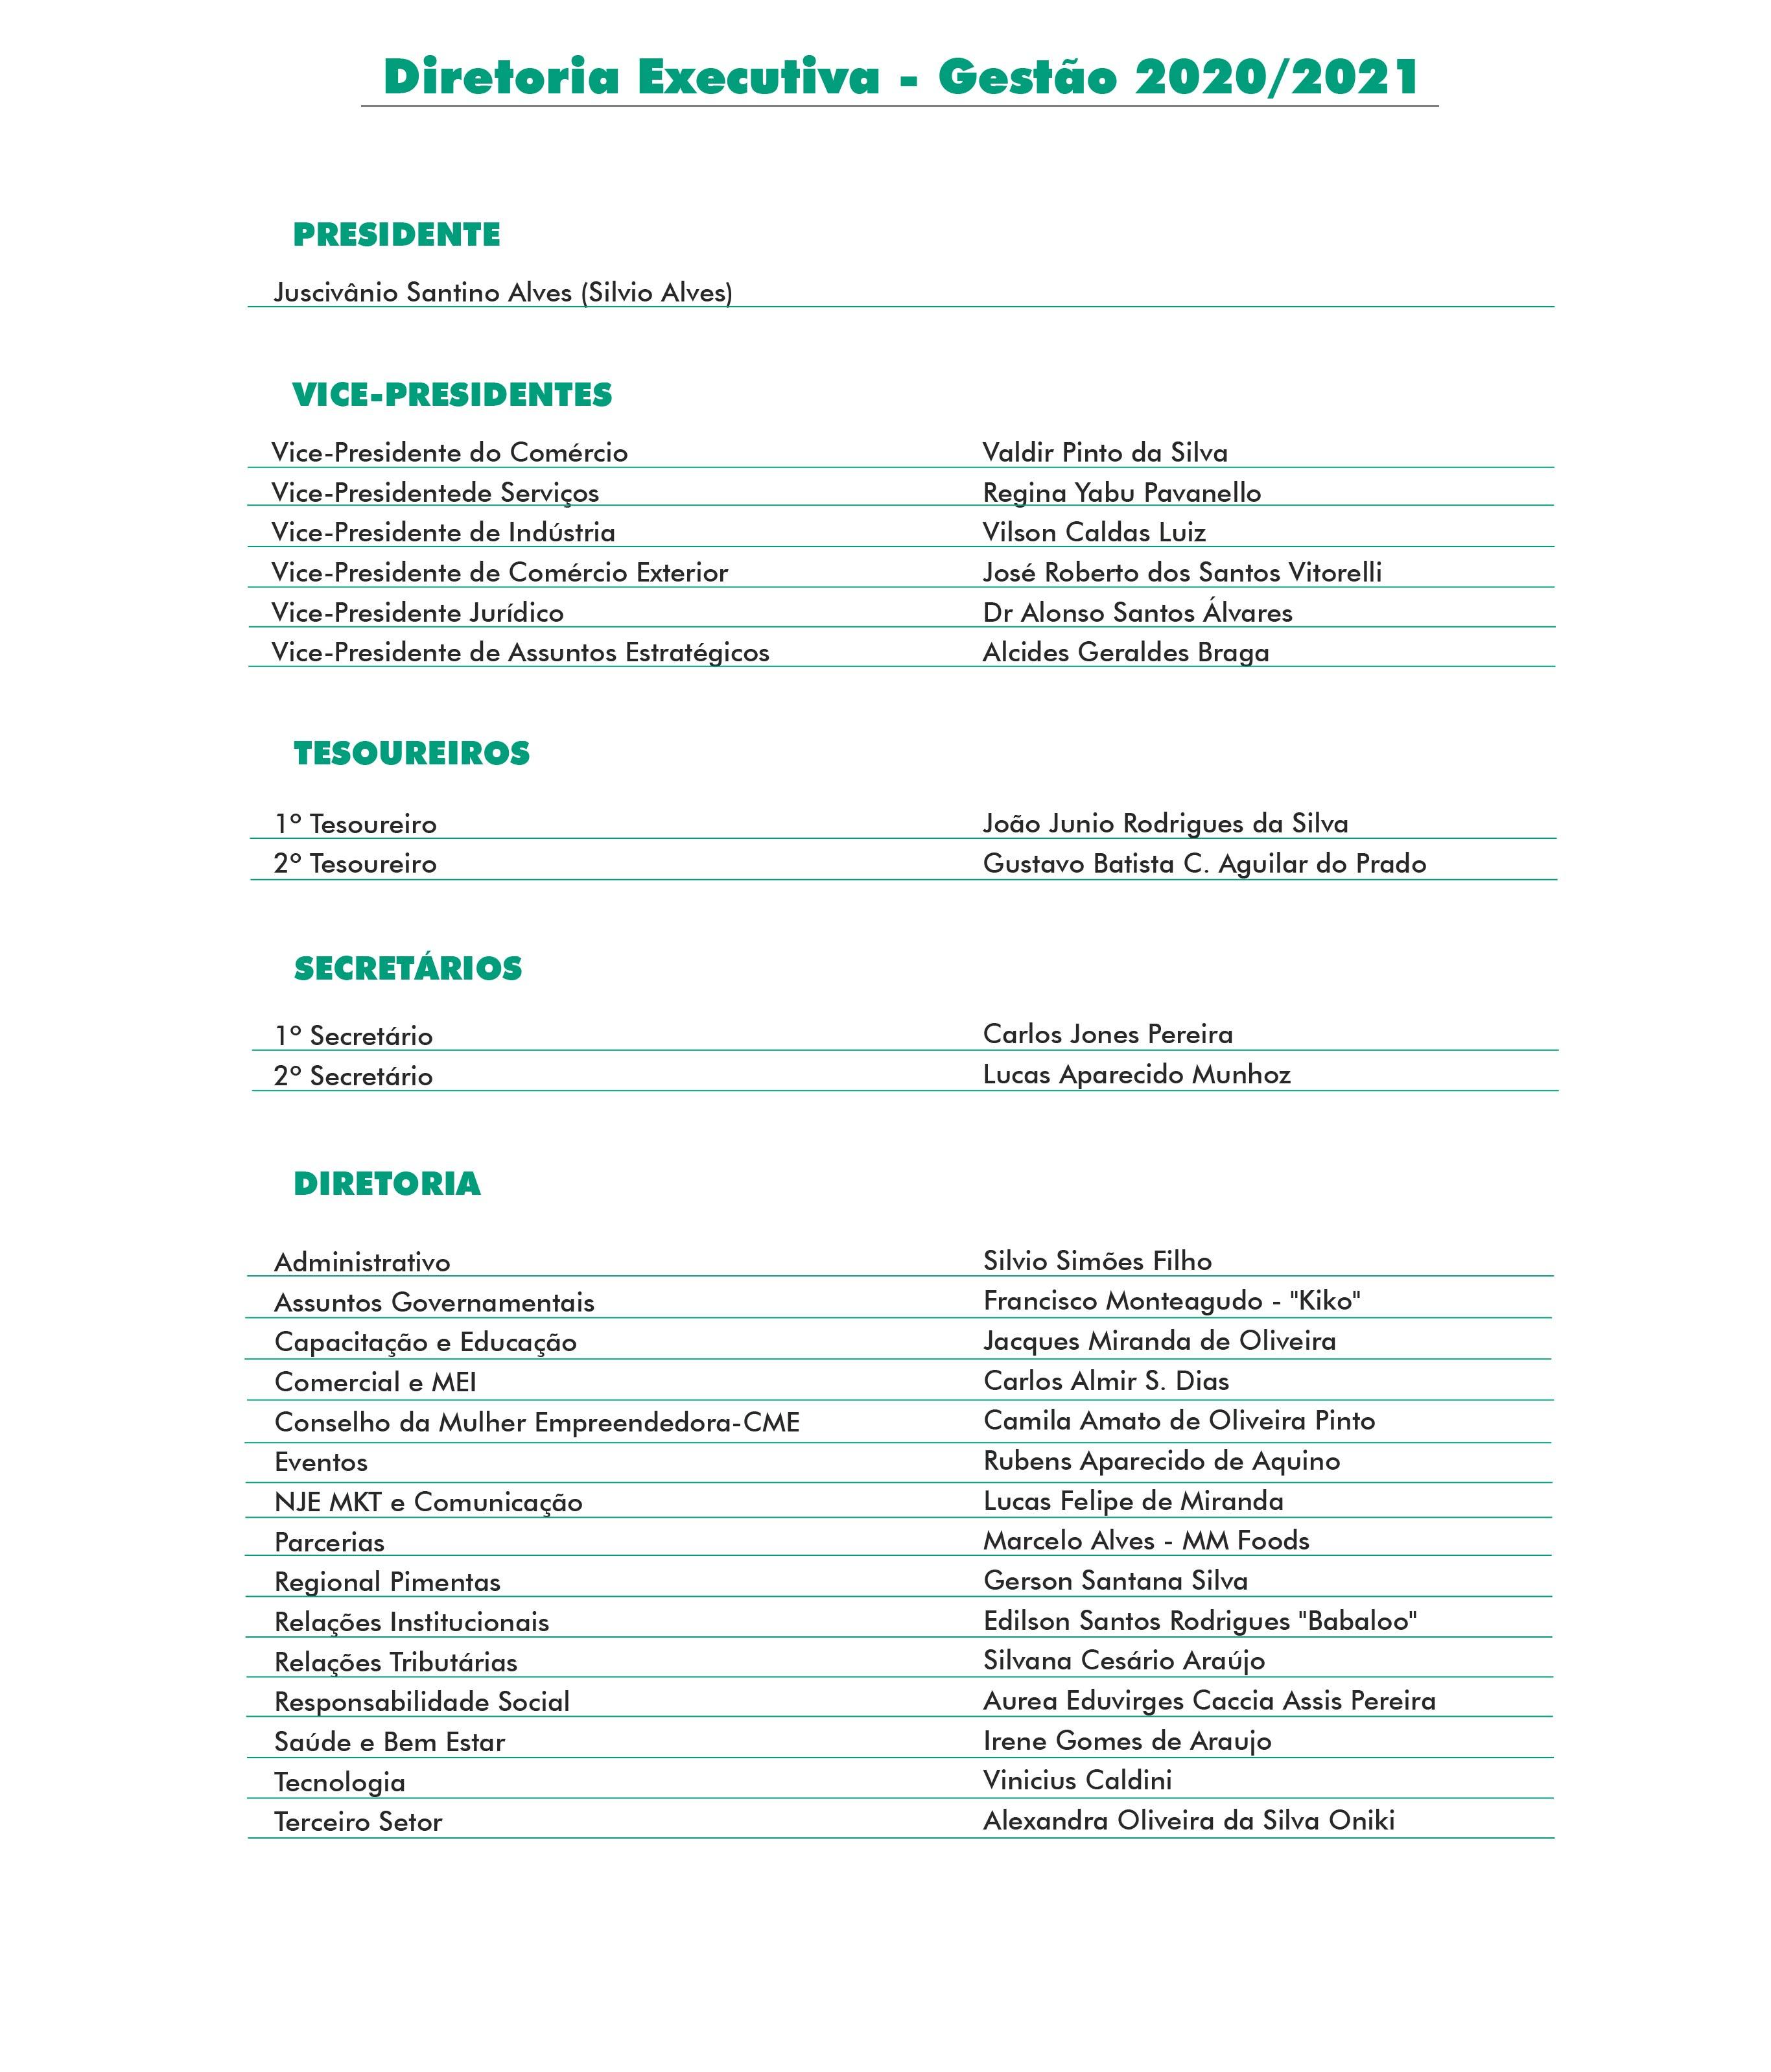 organograma gestão 2020-201